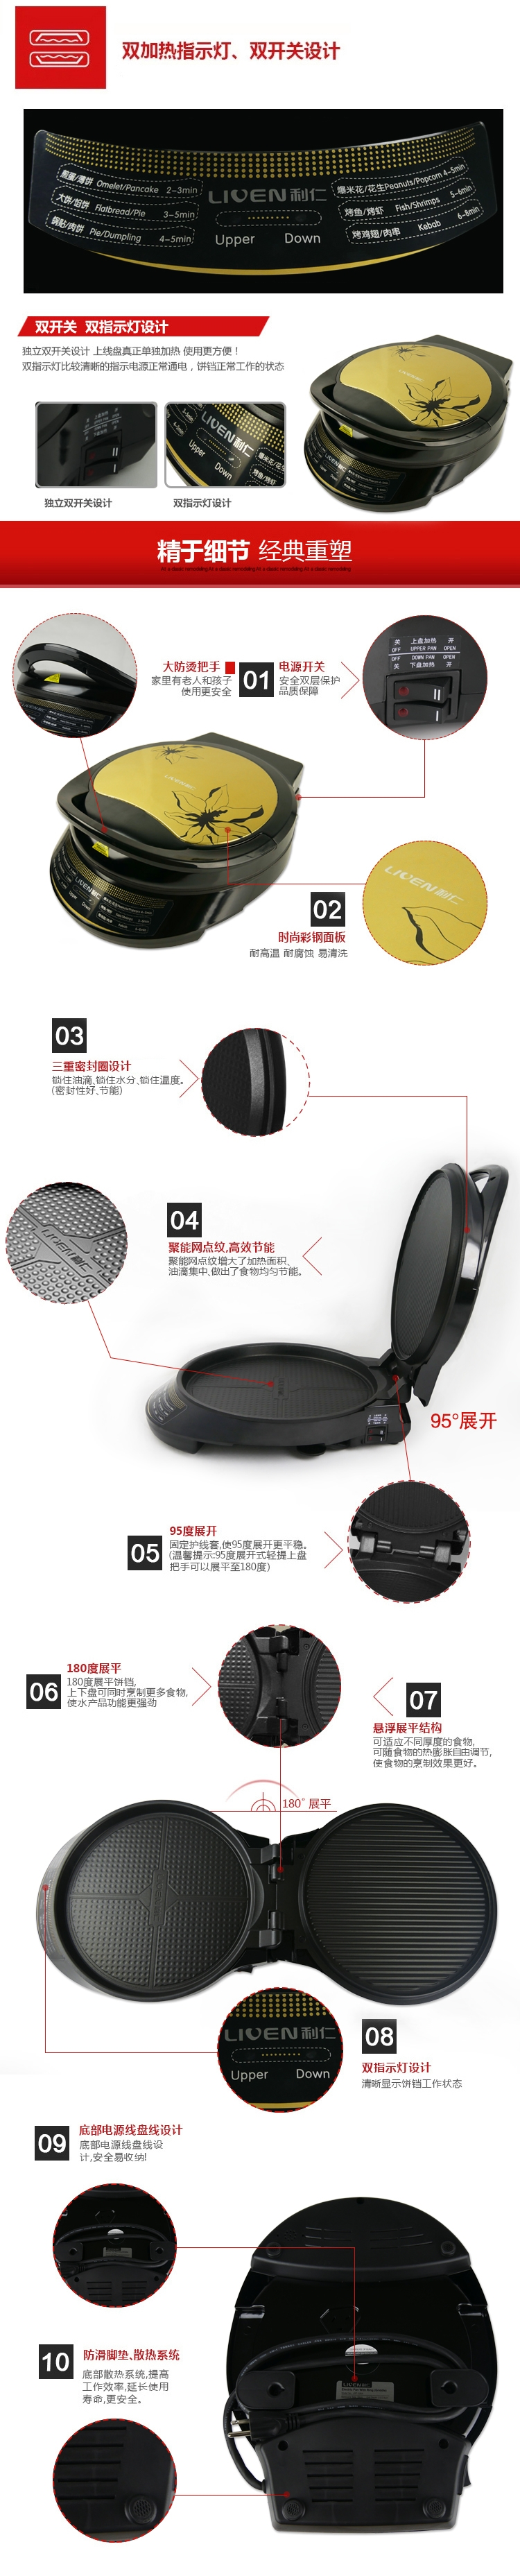 利仁电饼铛LRT-326A精于细节